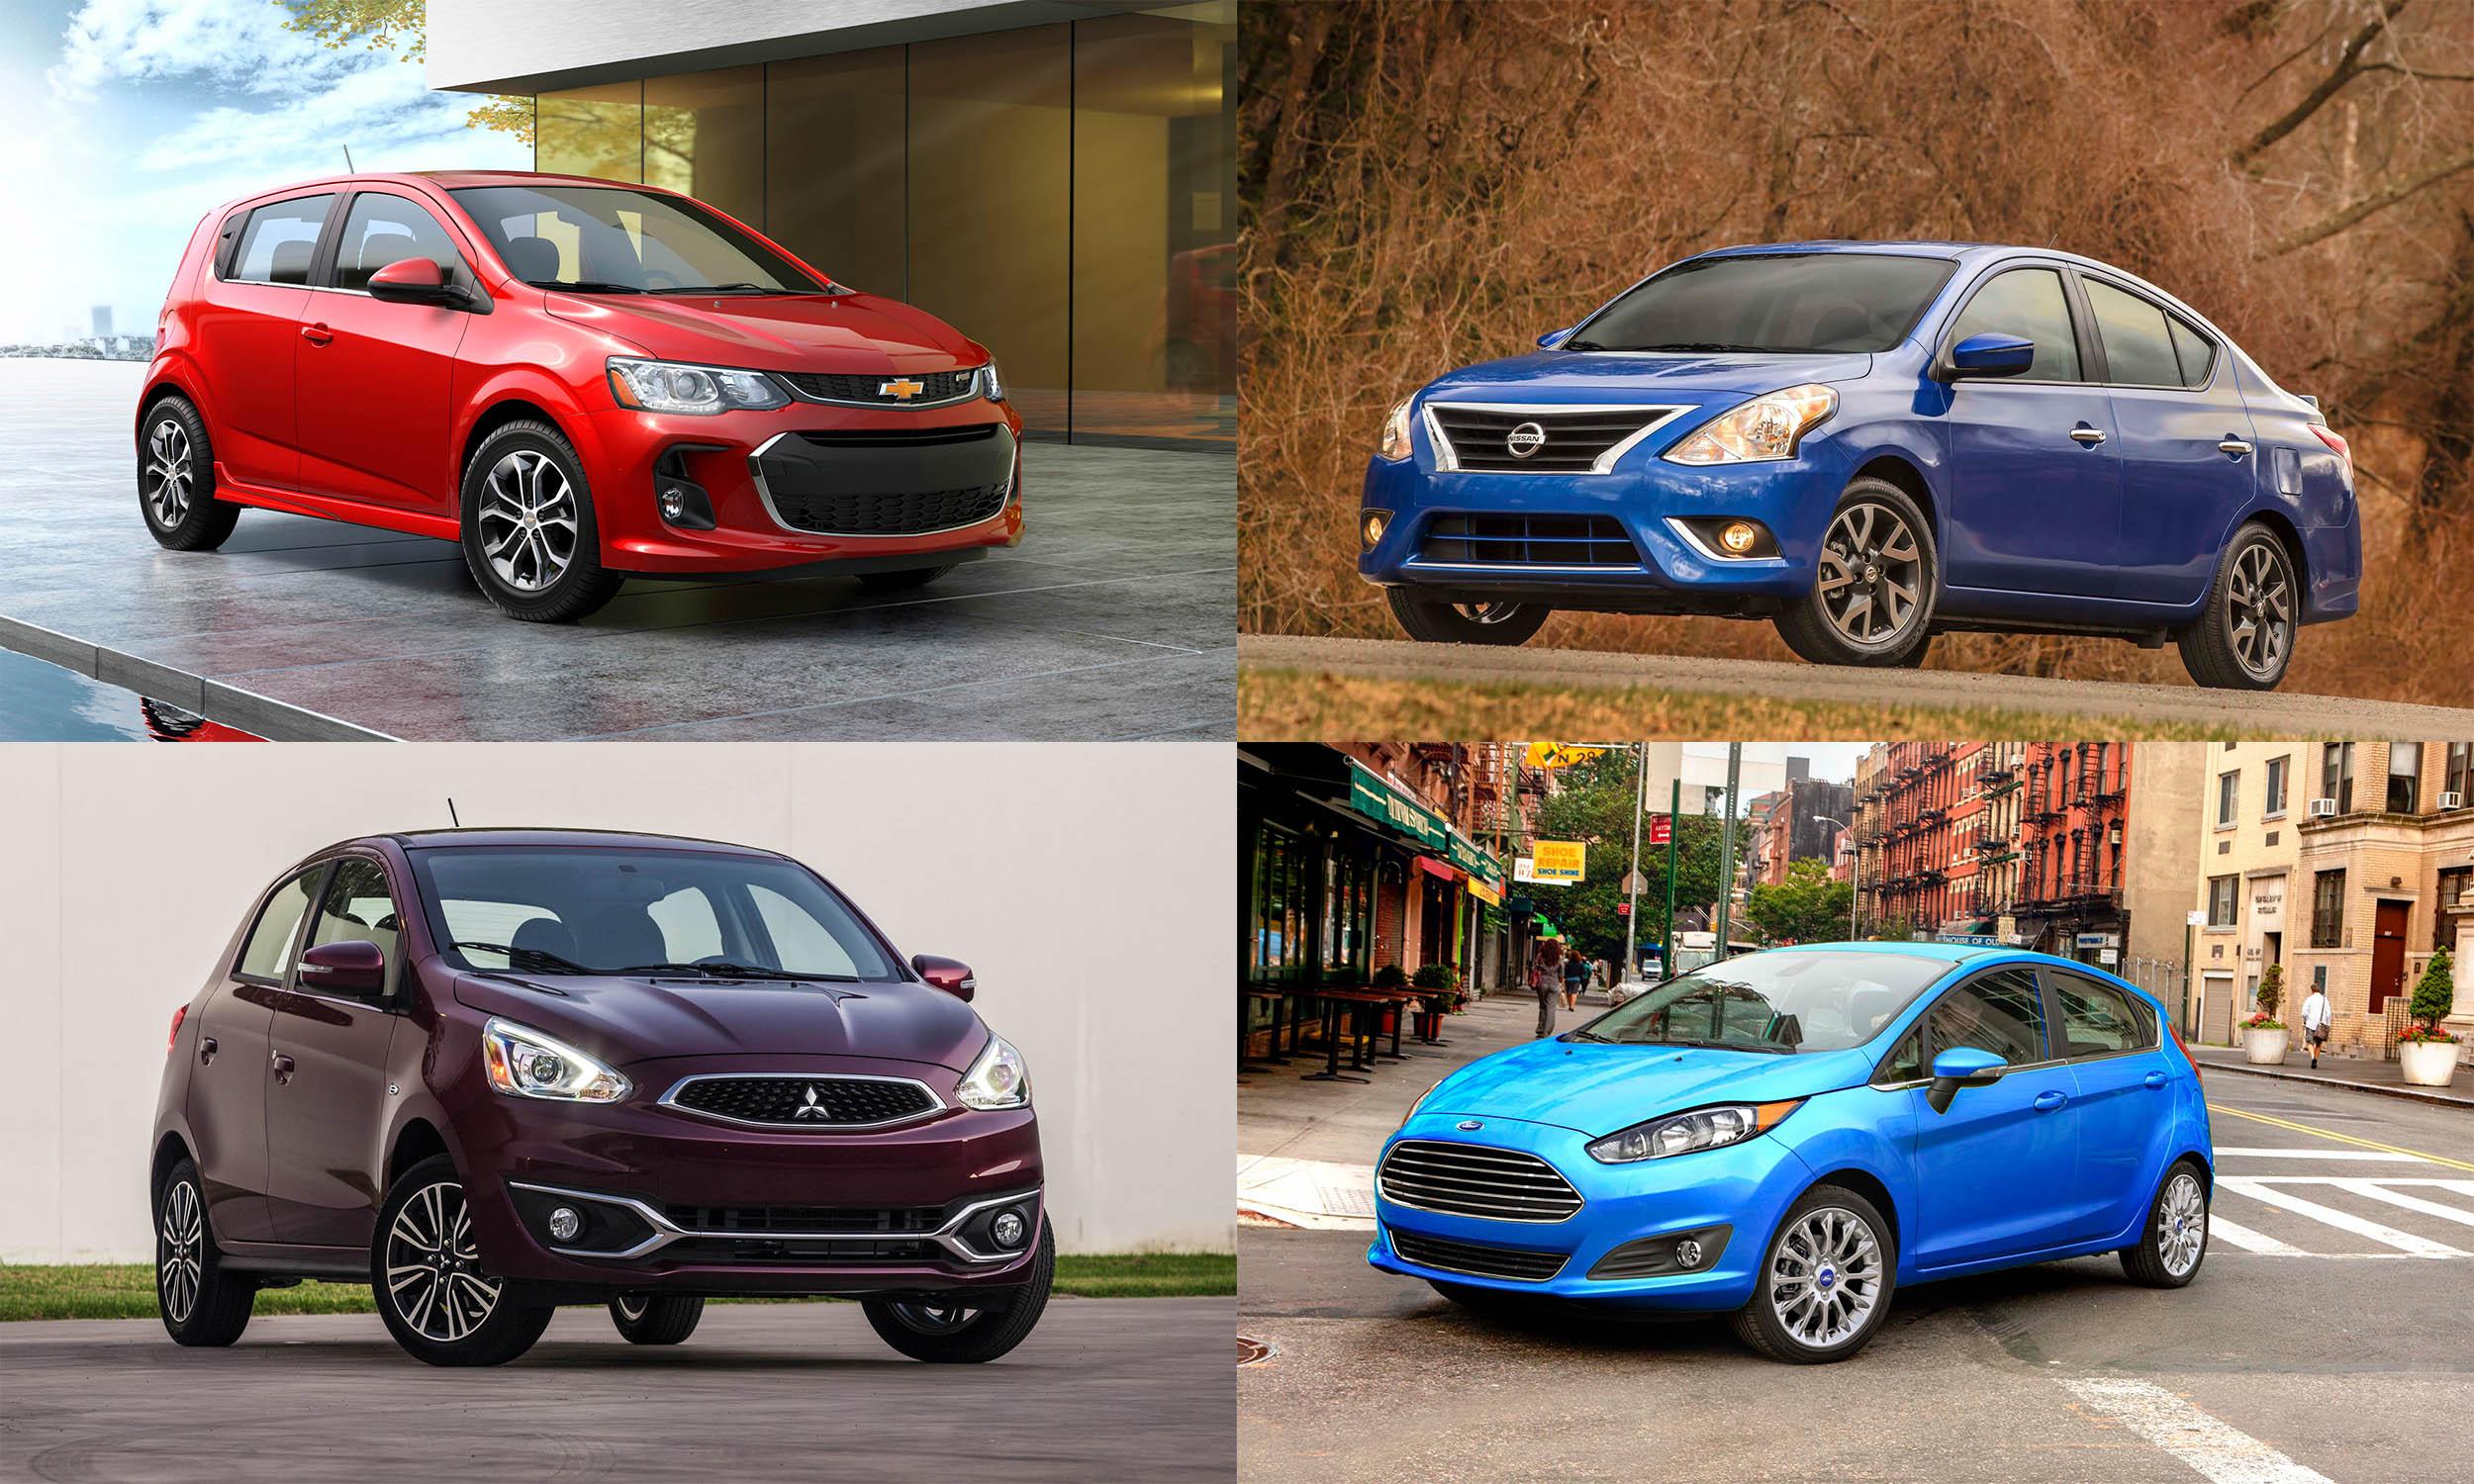 صور سيارات 2020 عروض السيارات صور عربيات 7